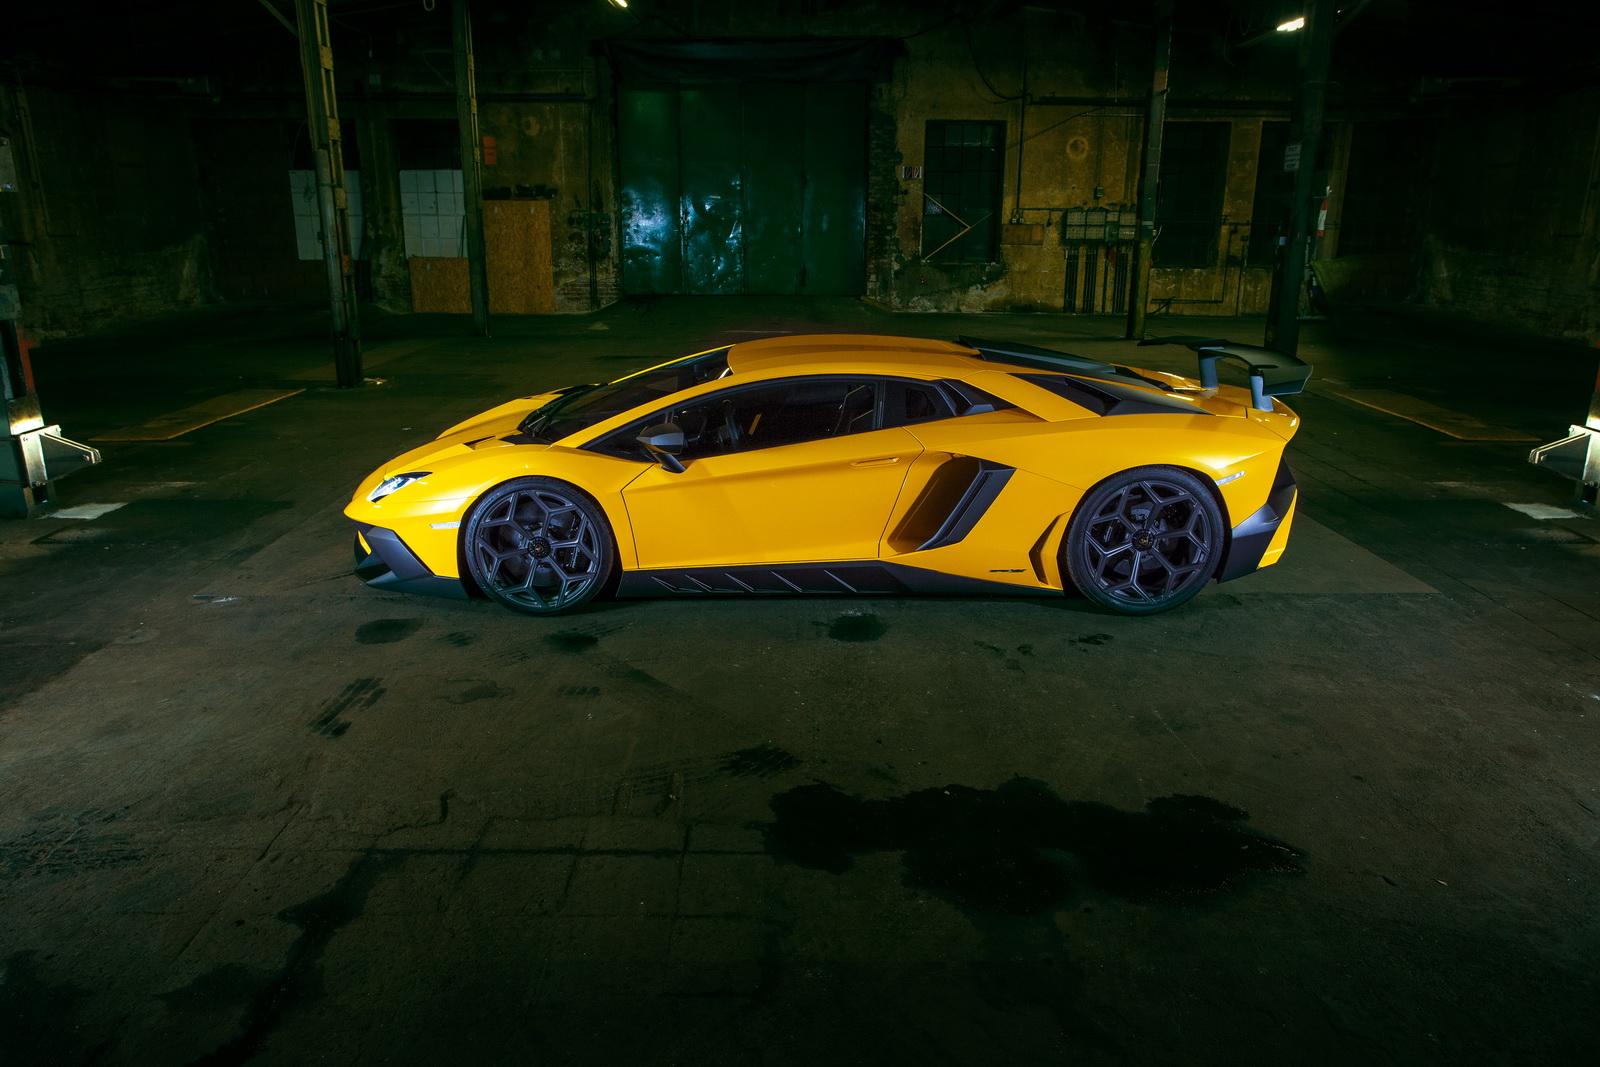 Lamborghini Aventador SV por Novitec Torado: Fibra de carbono, llantas Vossen y 786 caballos 3